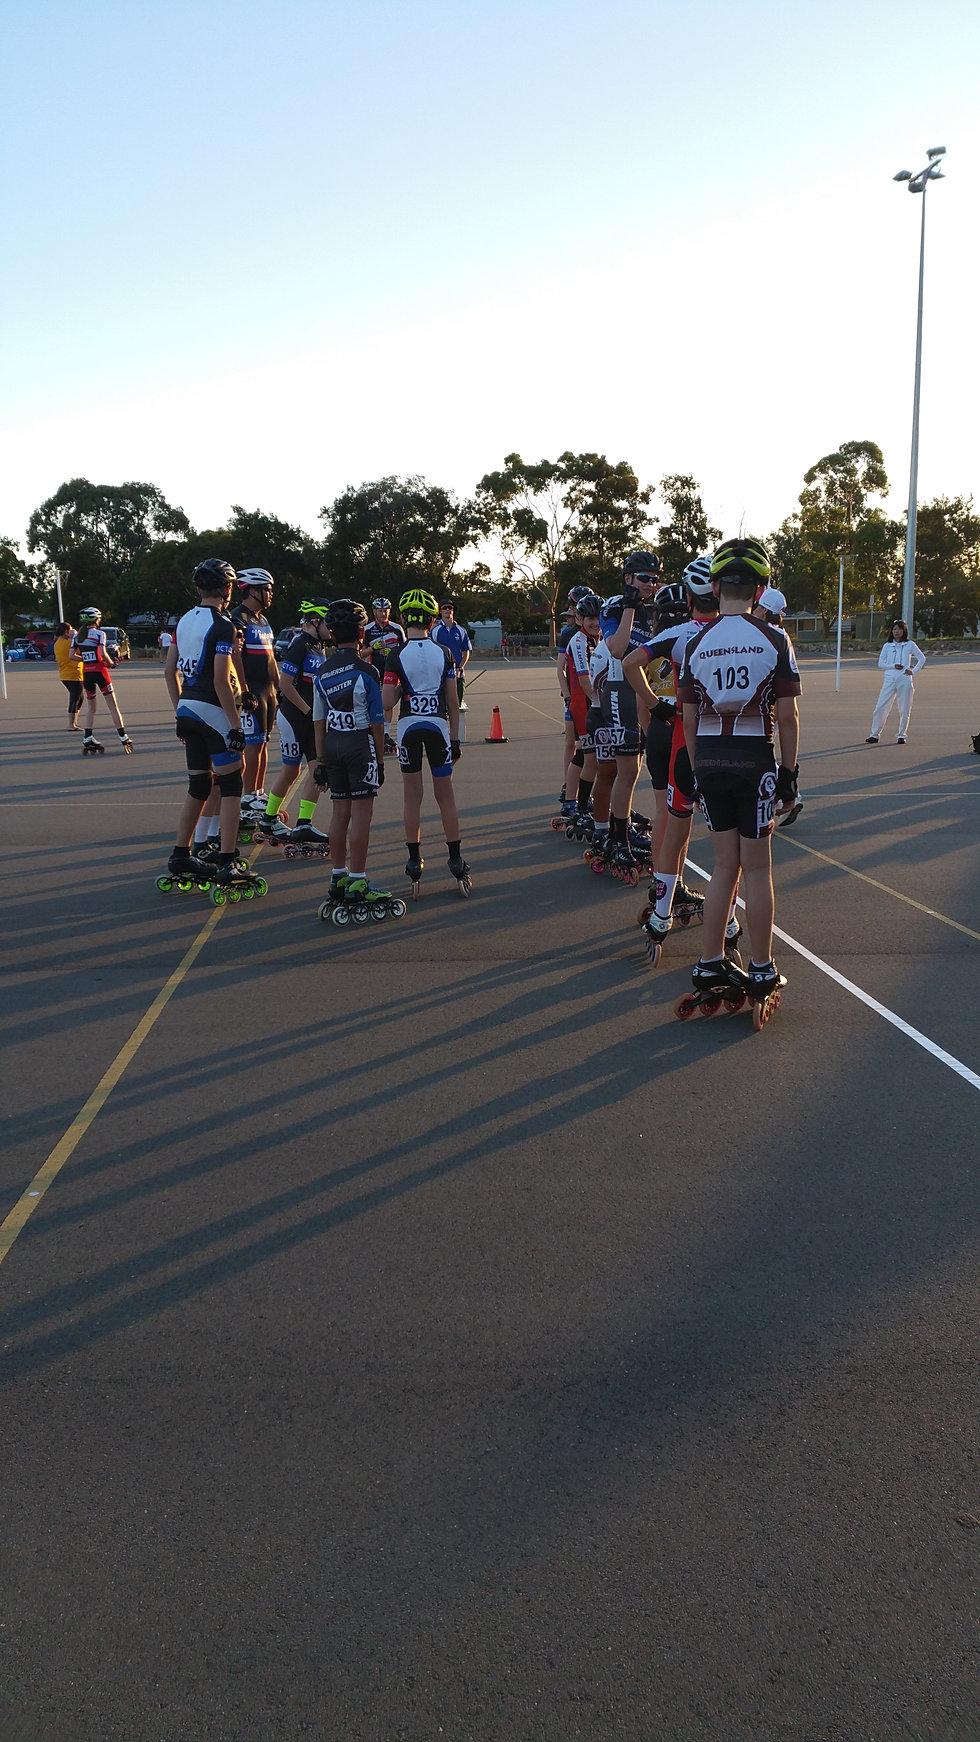 Roller skates queensland - U14 Junior Boys On The Start Line